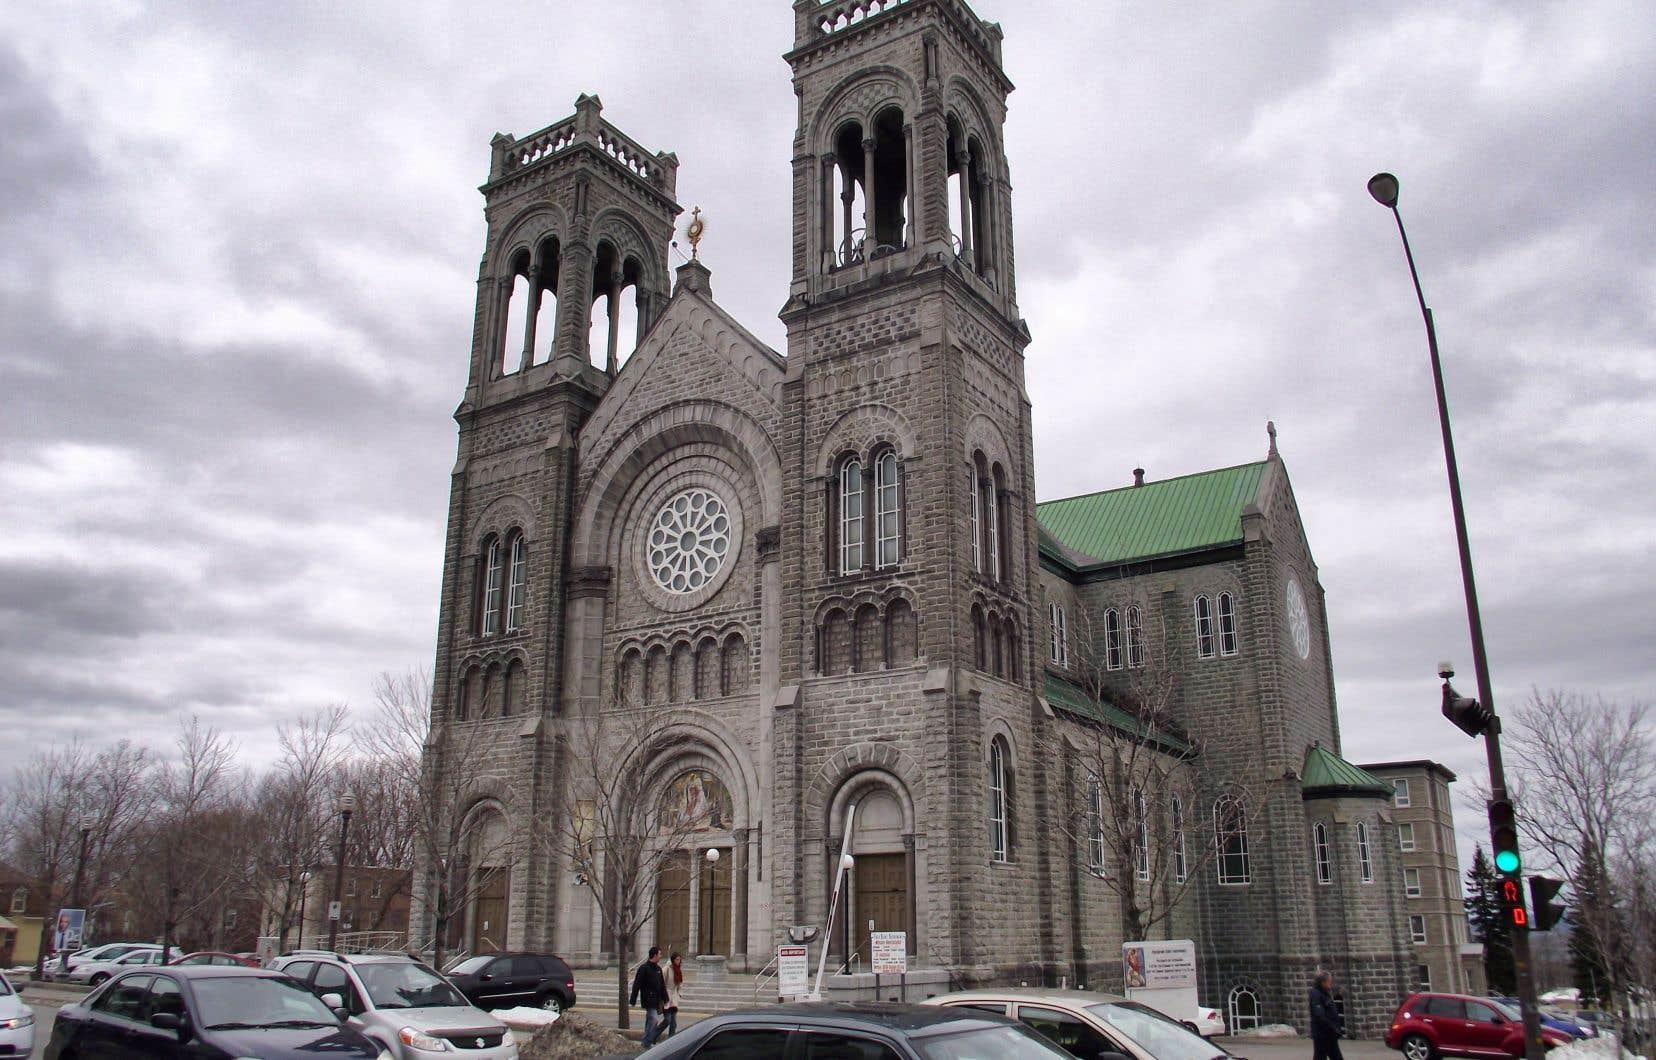 Selon le directeur administratif de la paroisse dont fait partie l'église du Très-Saint-Sacrement, les deux clochers, une cheminée et une grande rosace sont sévèrement fragilisés, et des fissures auraient été décelées ailleurs dans le bâtiment.